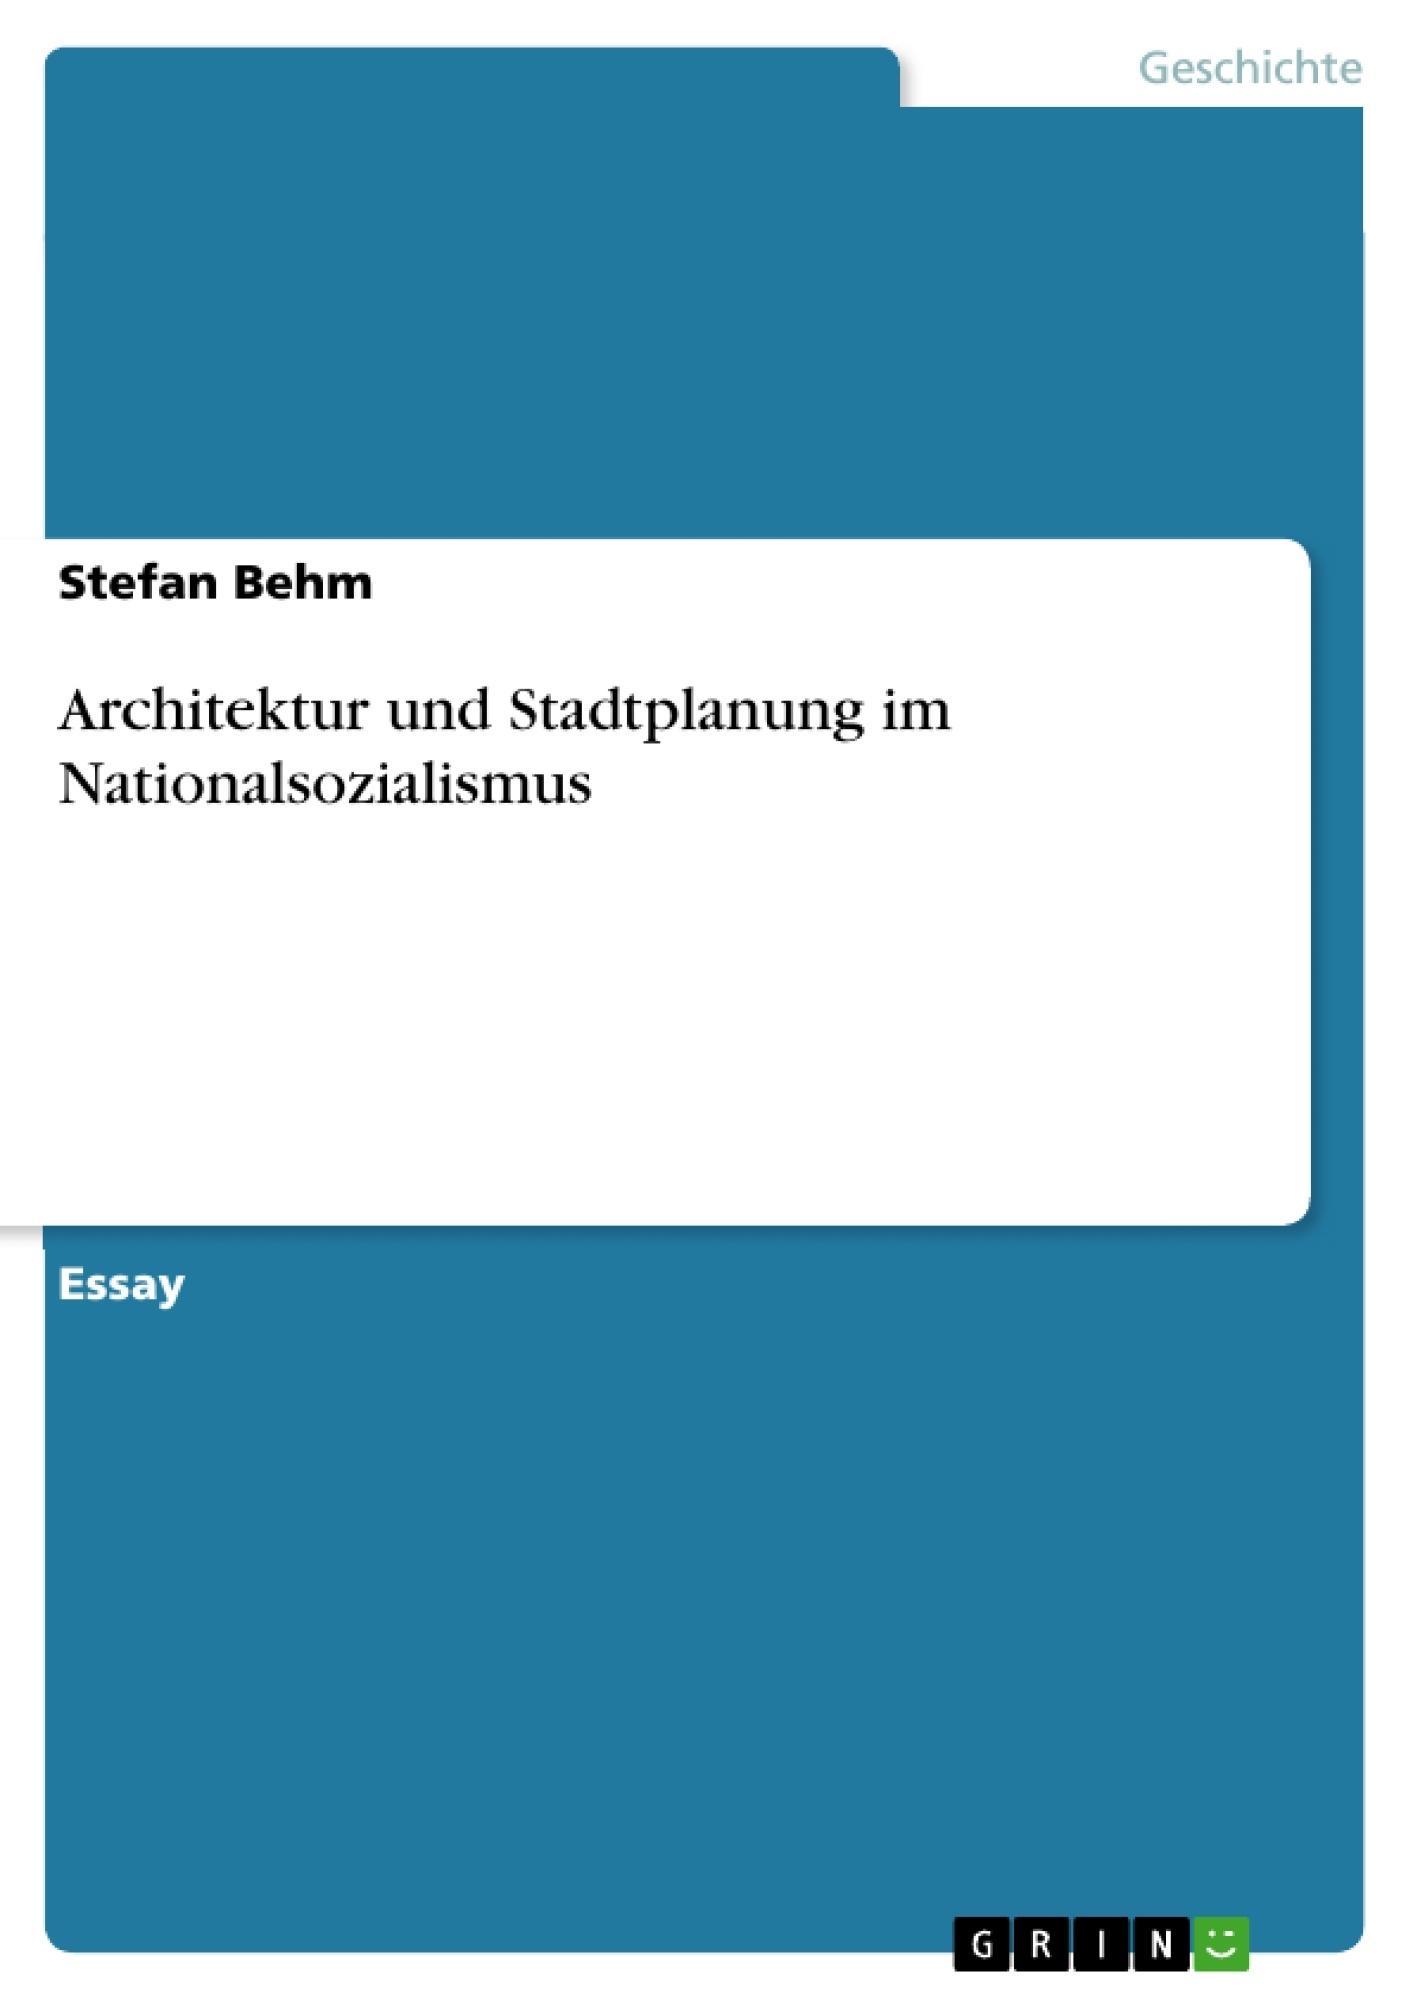 Titel: Architektur und Stadtplanung im Nationalsozialismus